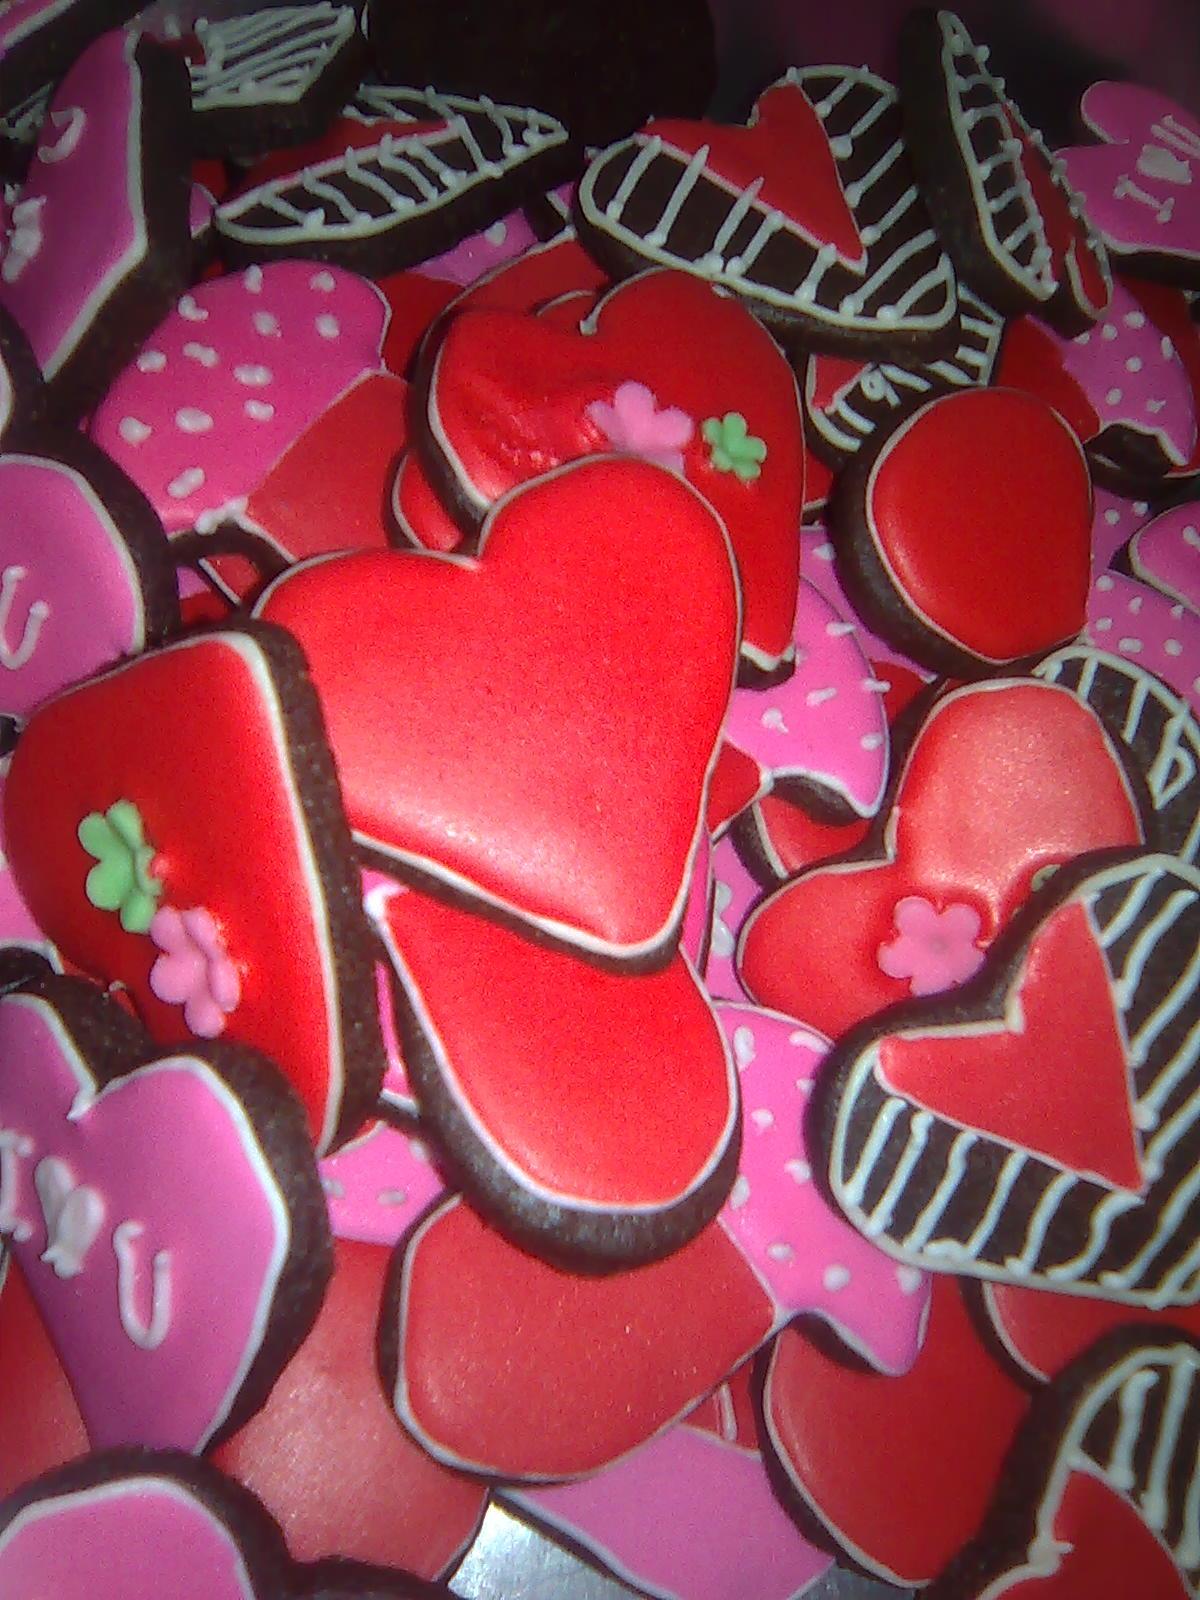 mustsweet,: chocolate fancy cookies/sugar cookies